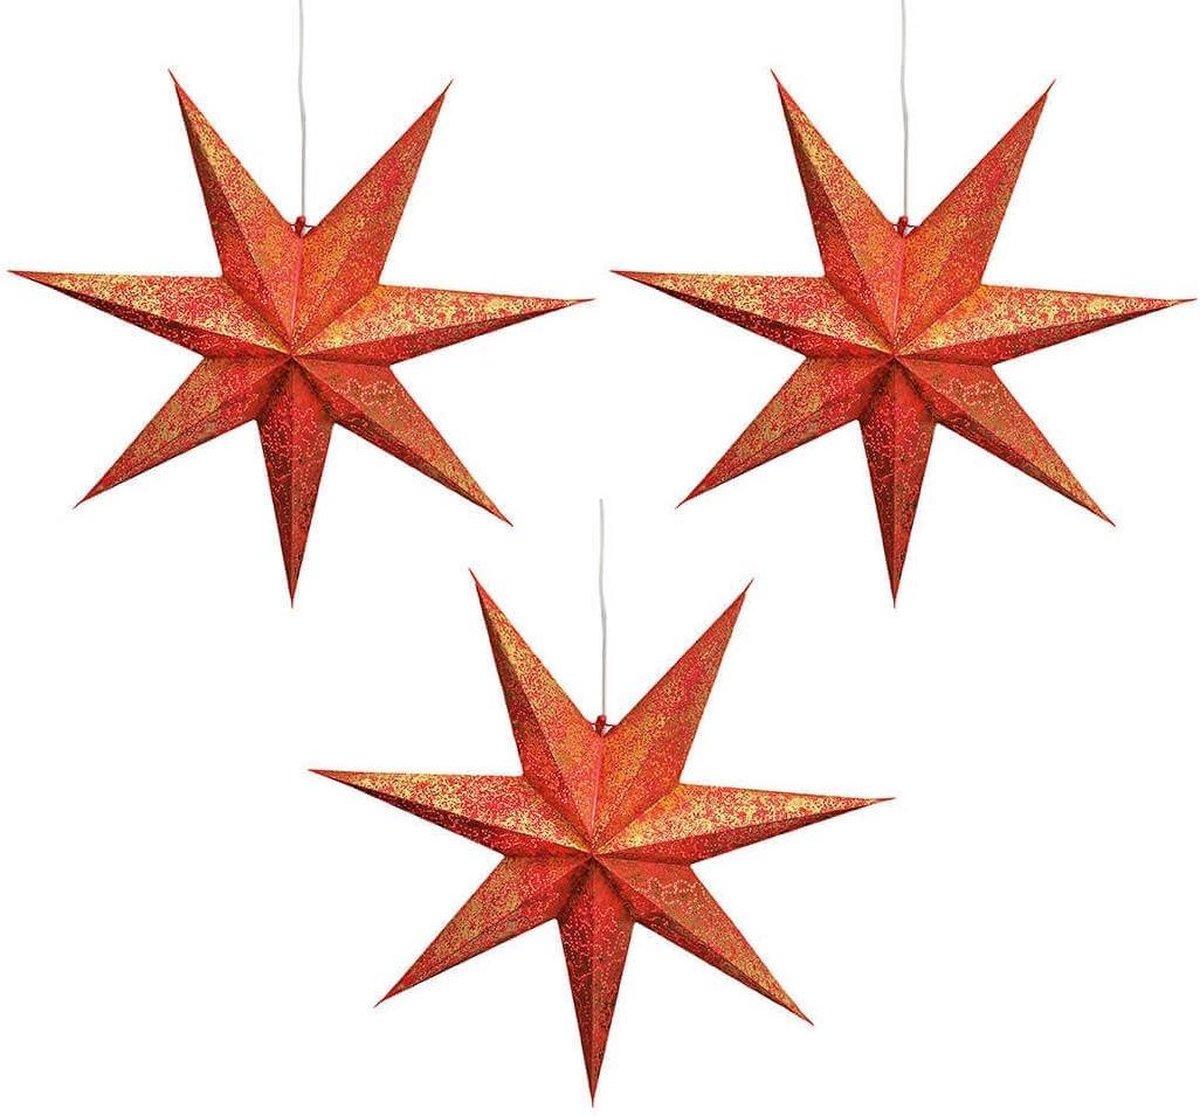 3x stuks kerstversiering rode kerststerren 60 cm - Kerststerren hangdecoraties - Kerstversiering kopen